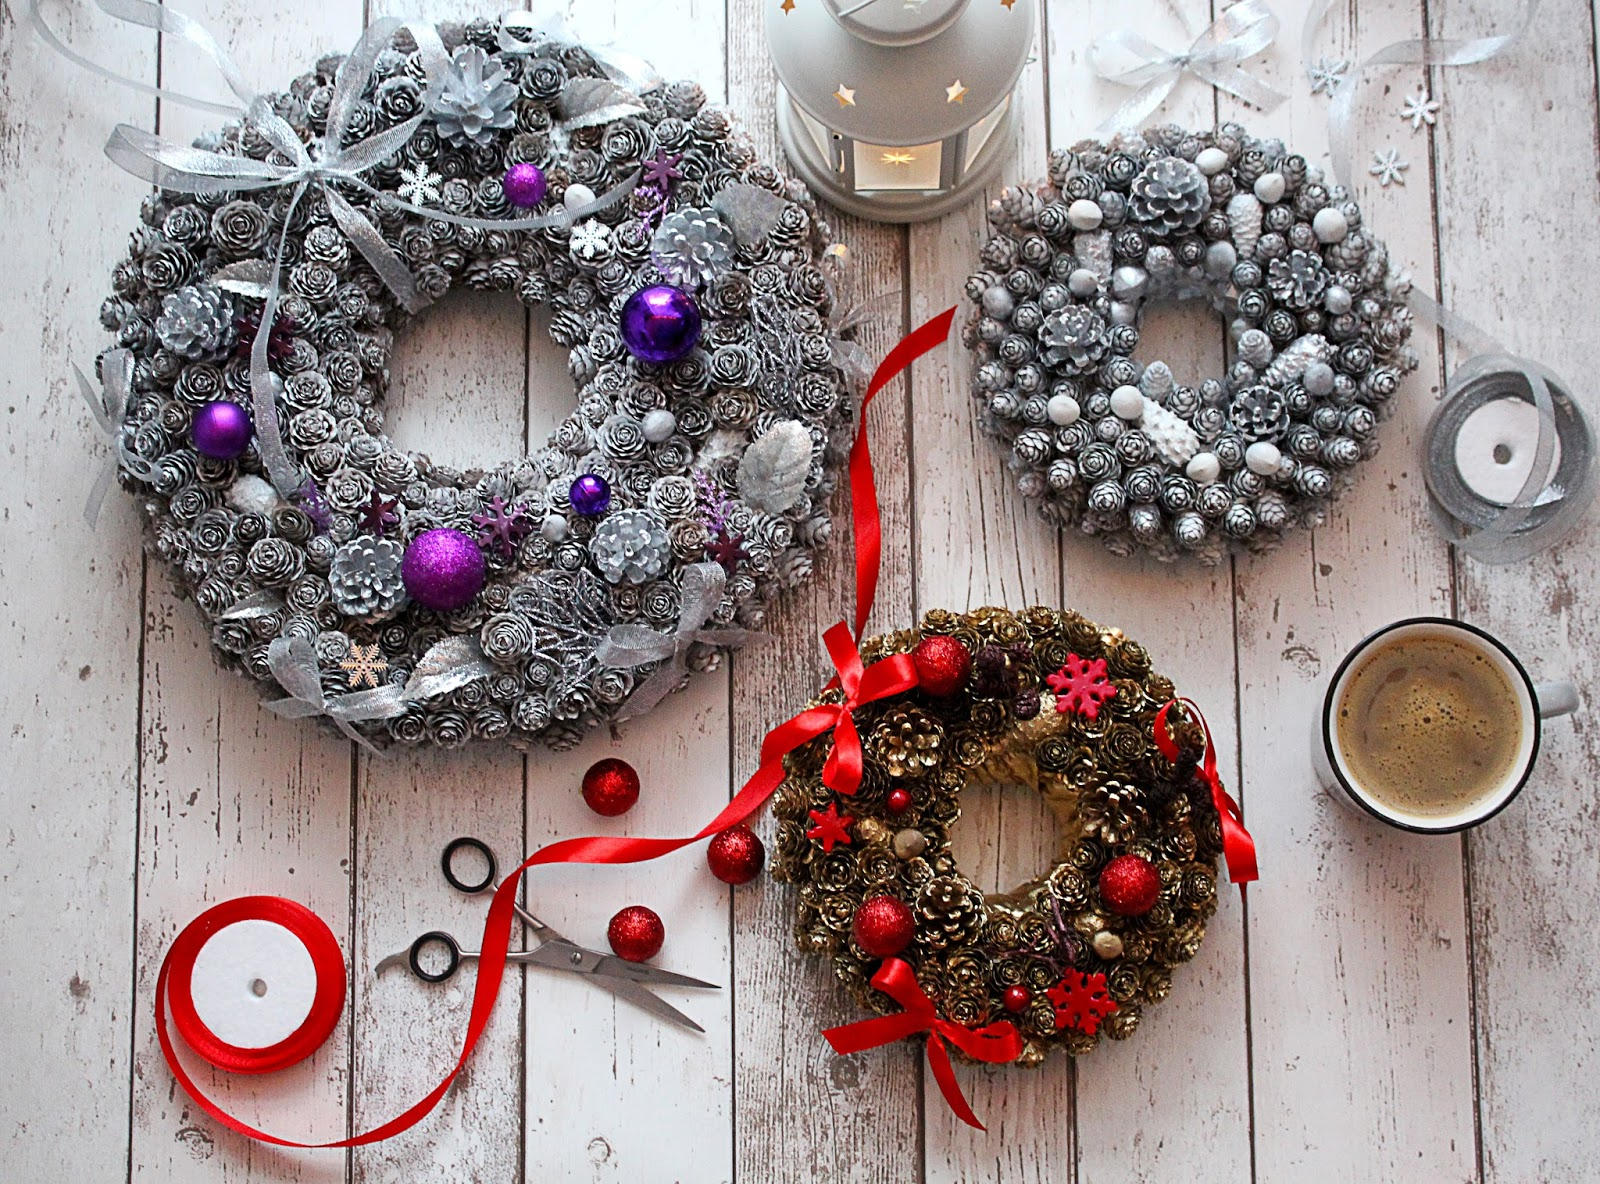 Pomysły na dekoracje świąteczne z szyszek